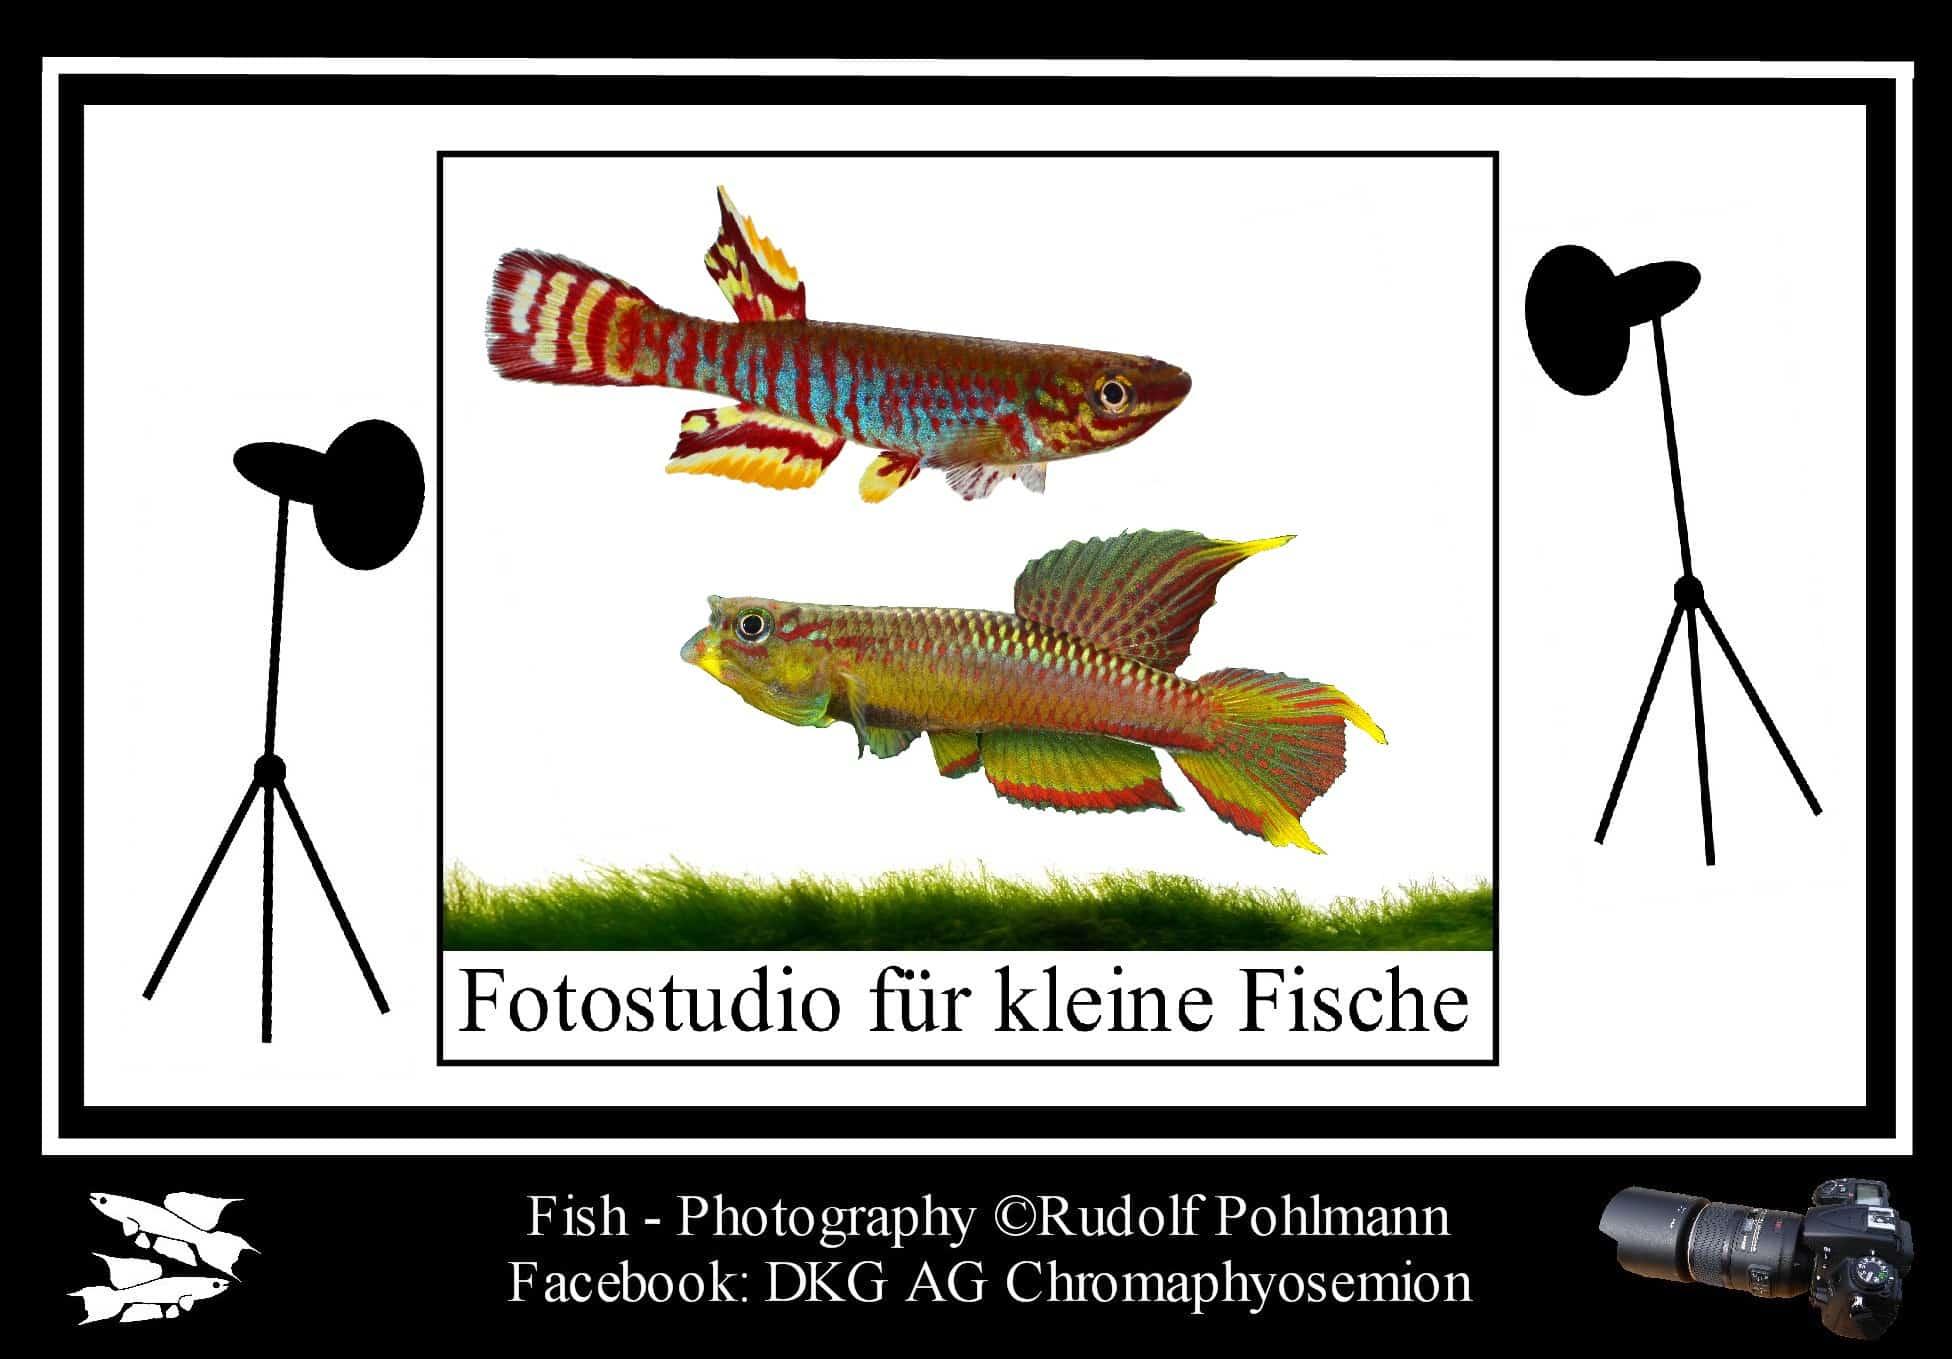 00-Fotostudio-Bild-1